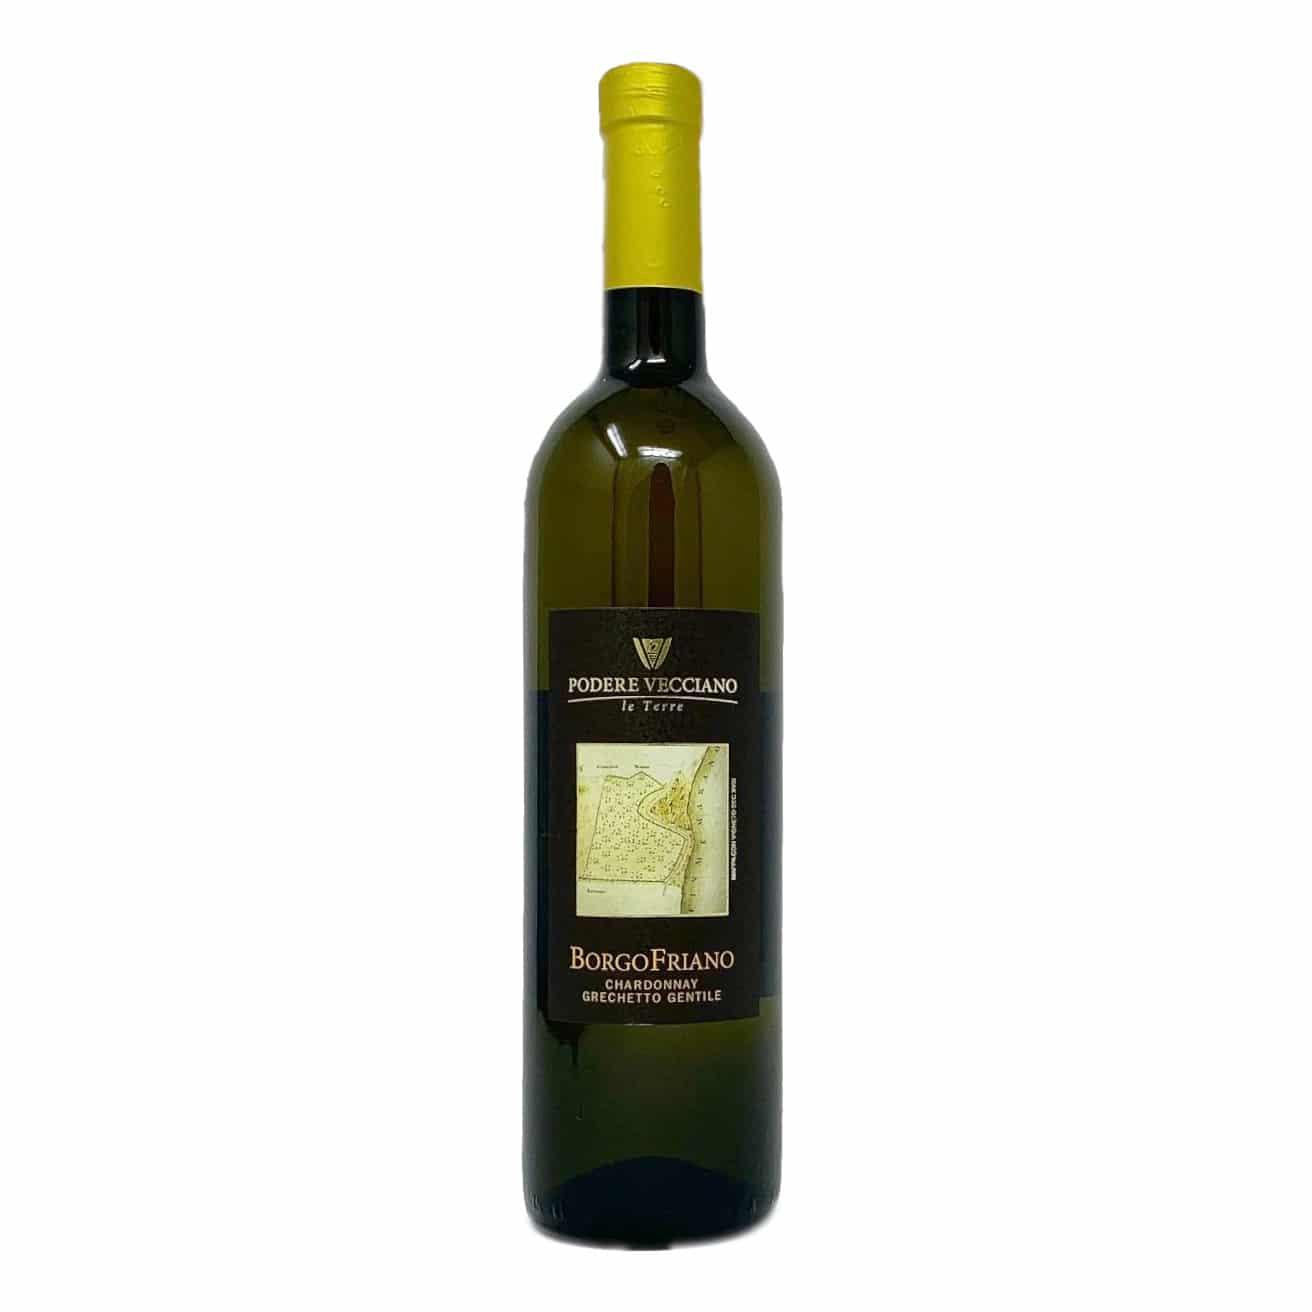 BORGO FRAIANO Chardonnay Grechetto Gentile IGP BIO Podere Vecciano